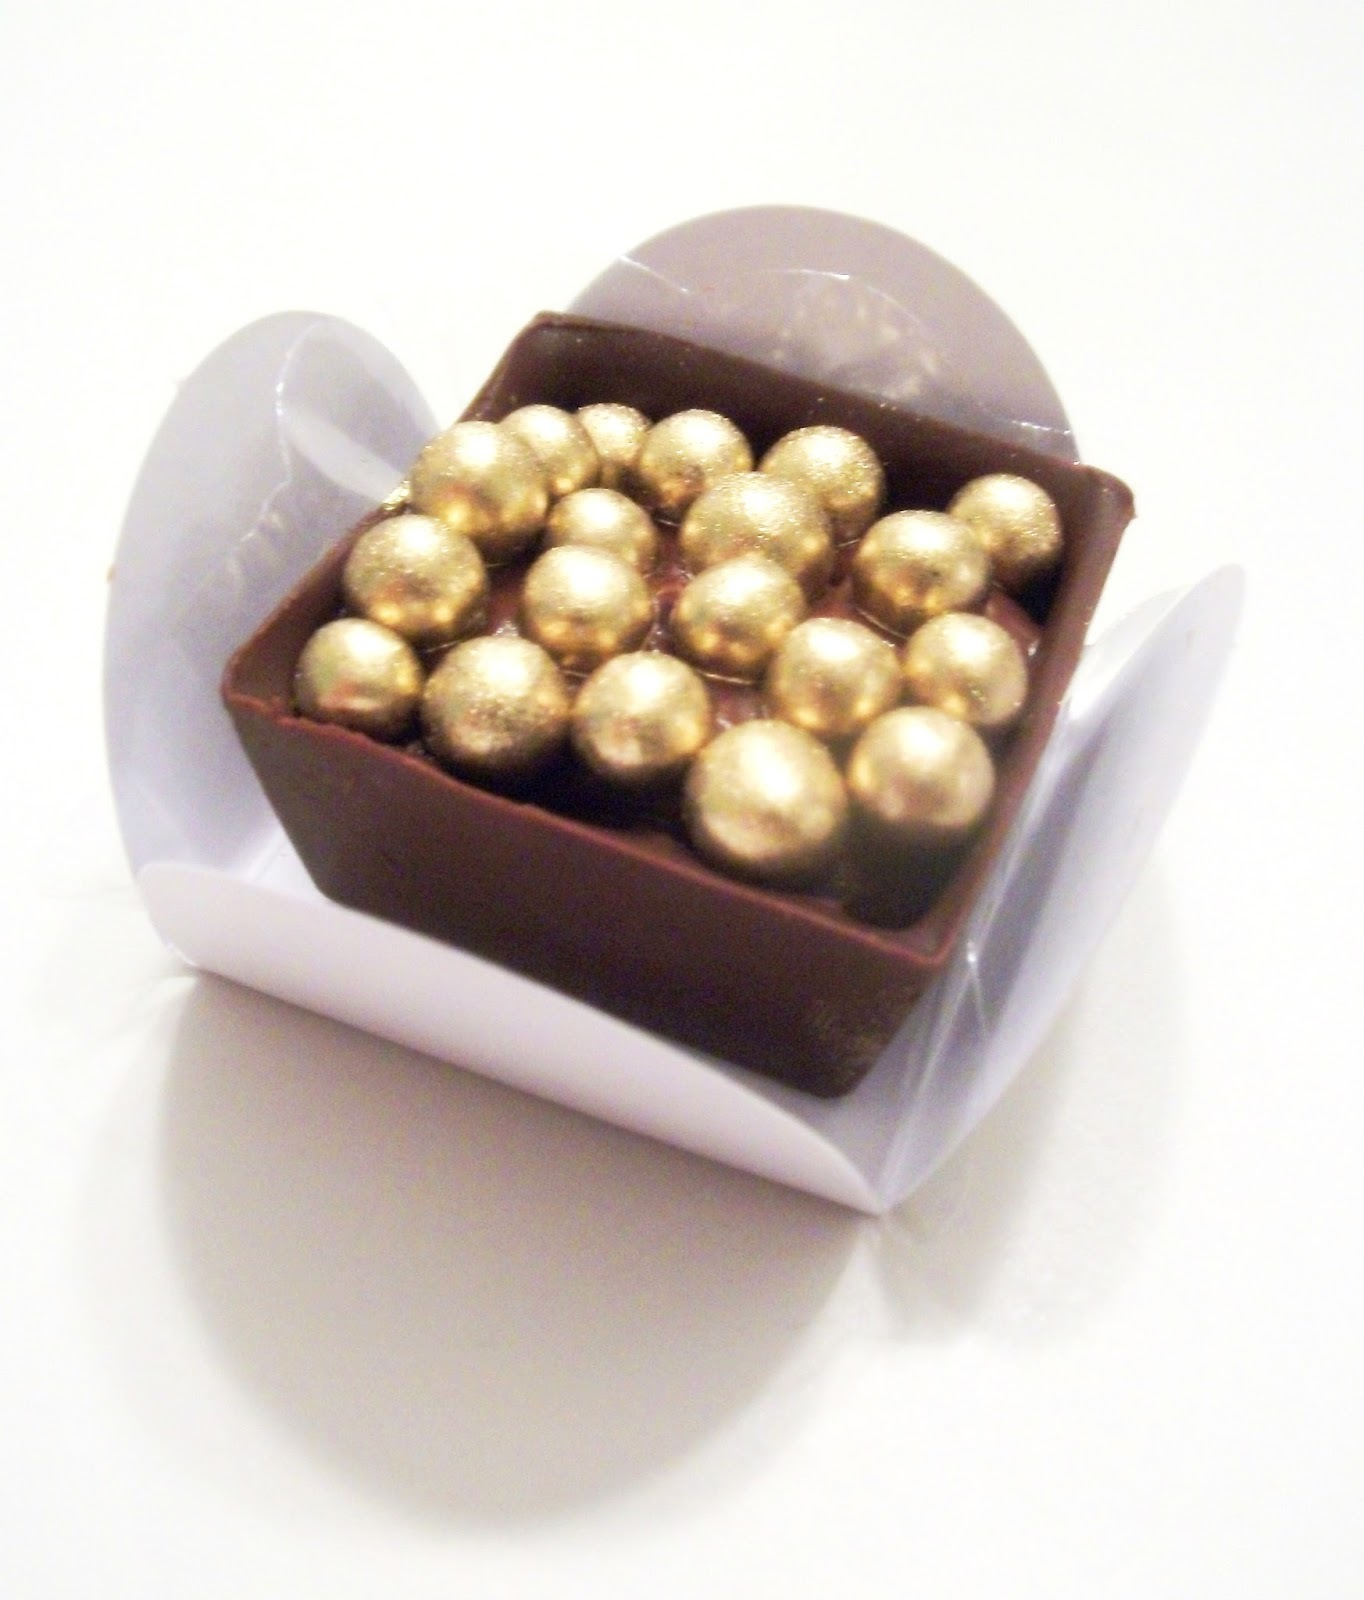 Caixinha de brigadeiro com crisps dourados